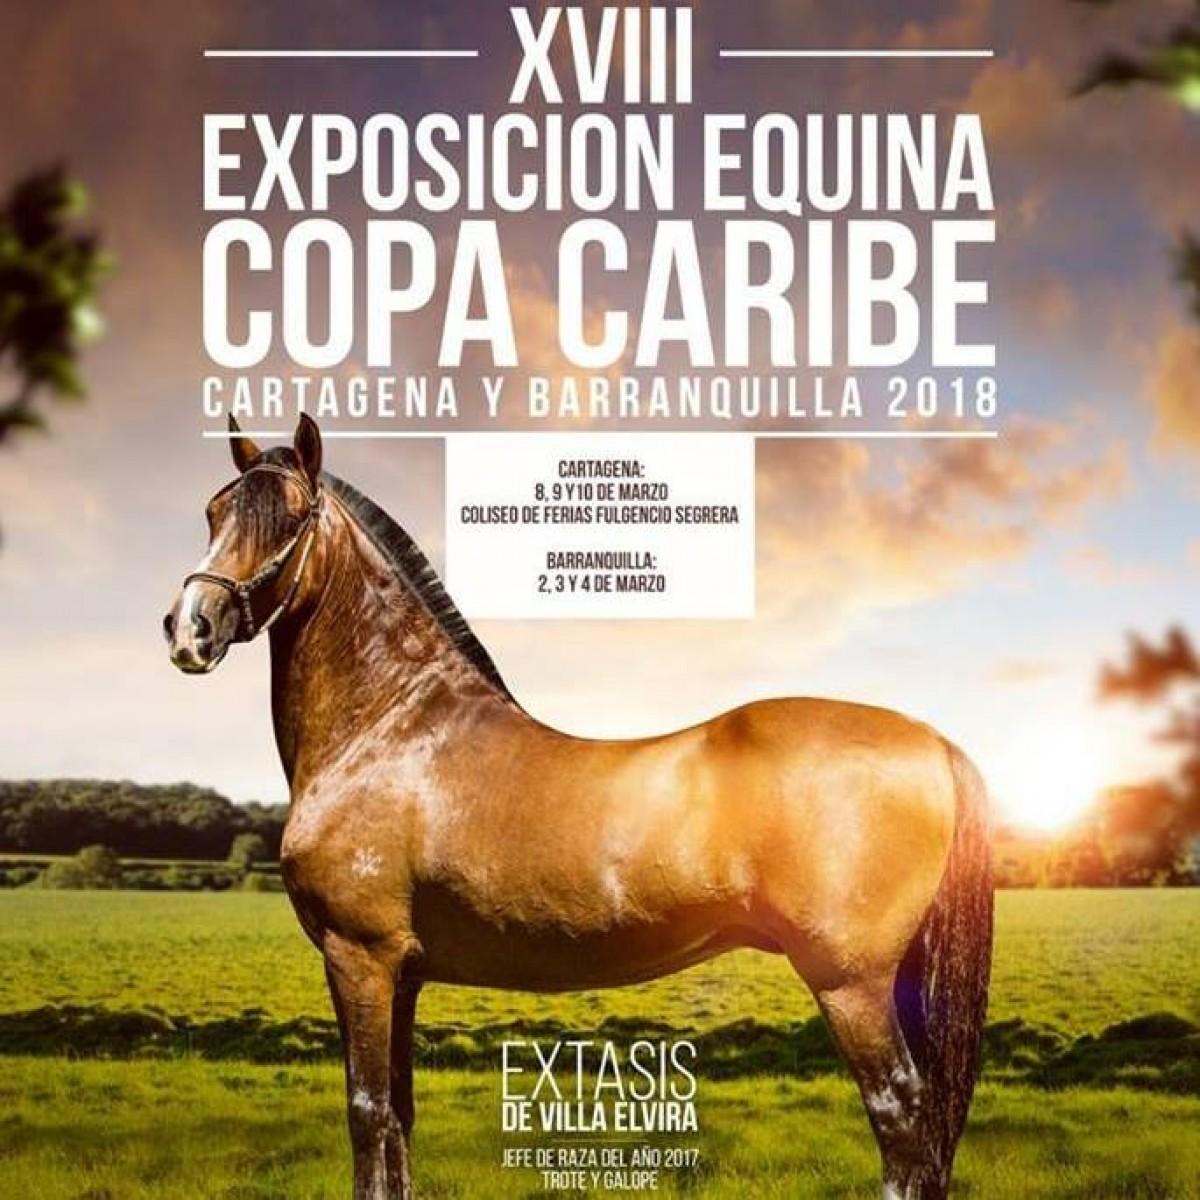 RESULTADOS XVIII Exposición Equina Copa Caribe Cartagena 2018 - TROCHA COLOMBIANA